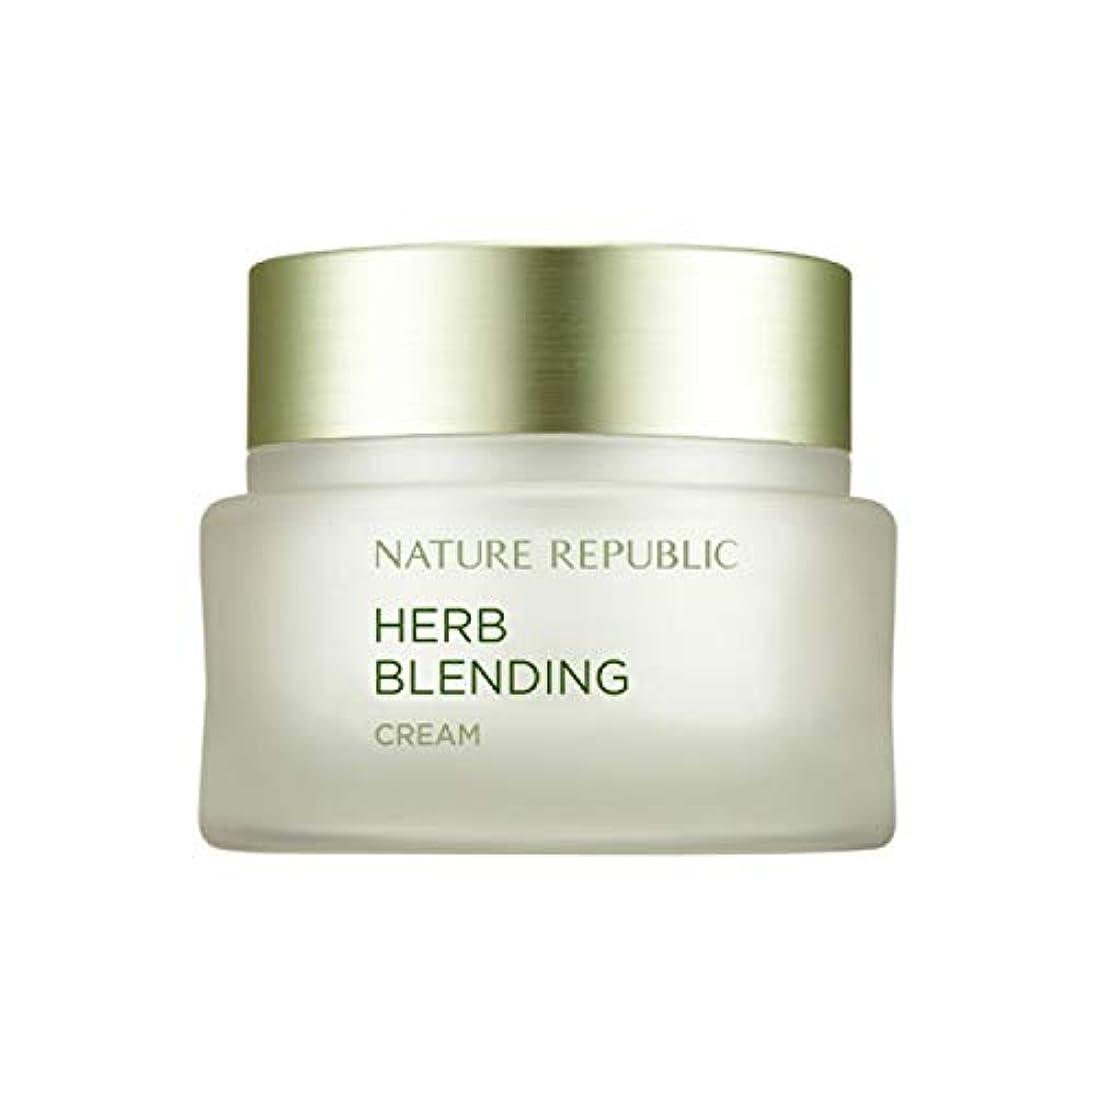 統治可能ヒップ流産ネイチャーリパブリック(Nature Republic)ハブブレンドクリーム 50ml / Herb Blending Cream 50ml :: 韓国コスメ [並行輸入品]